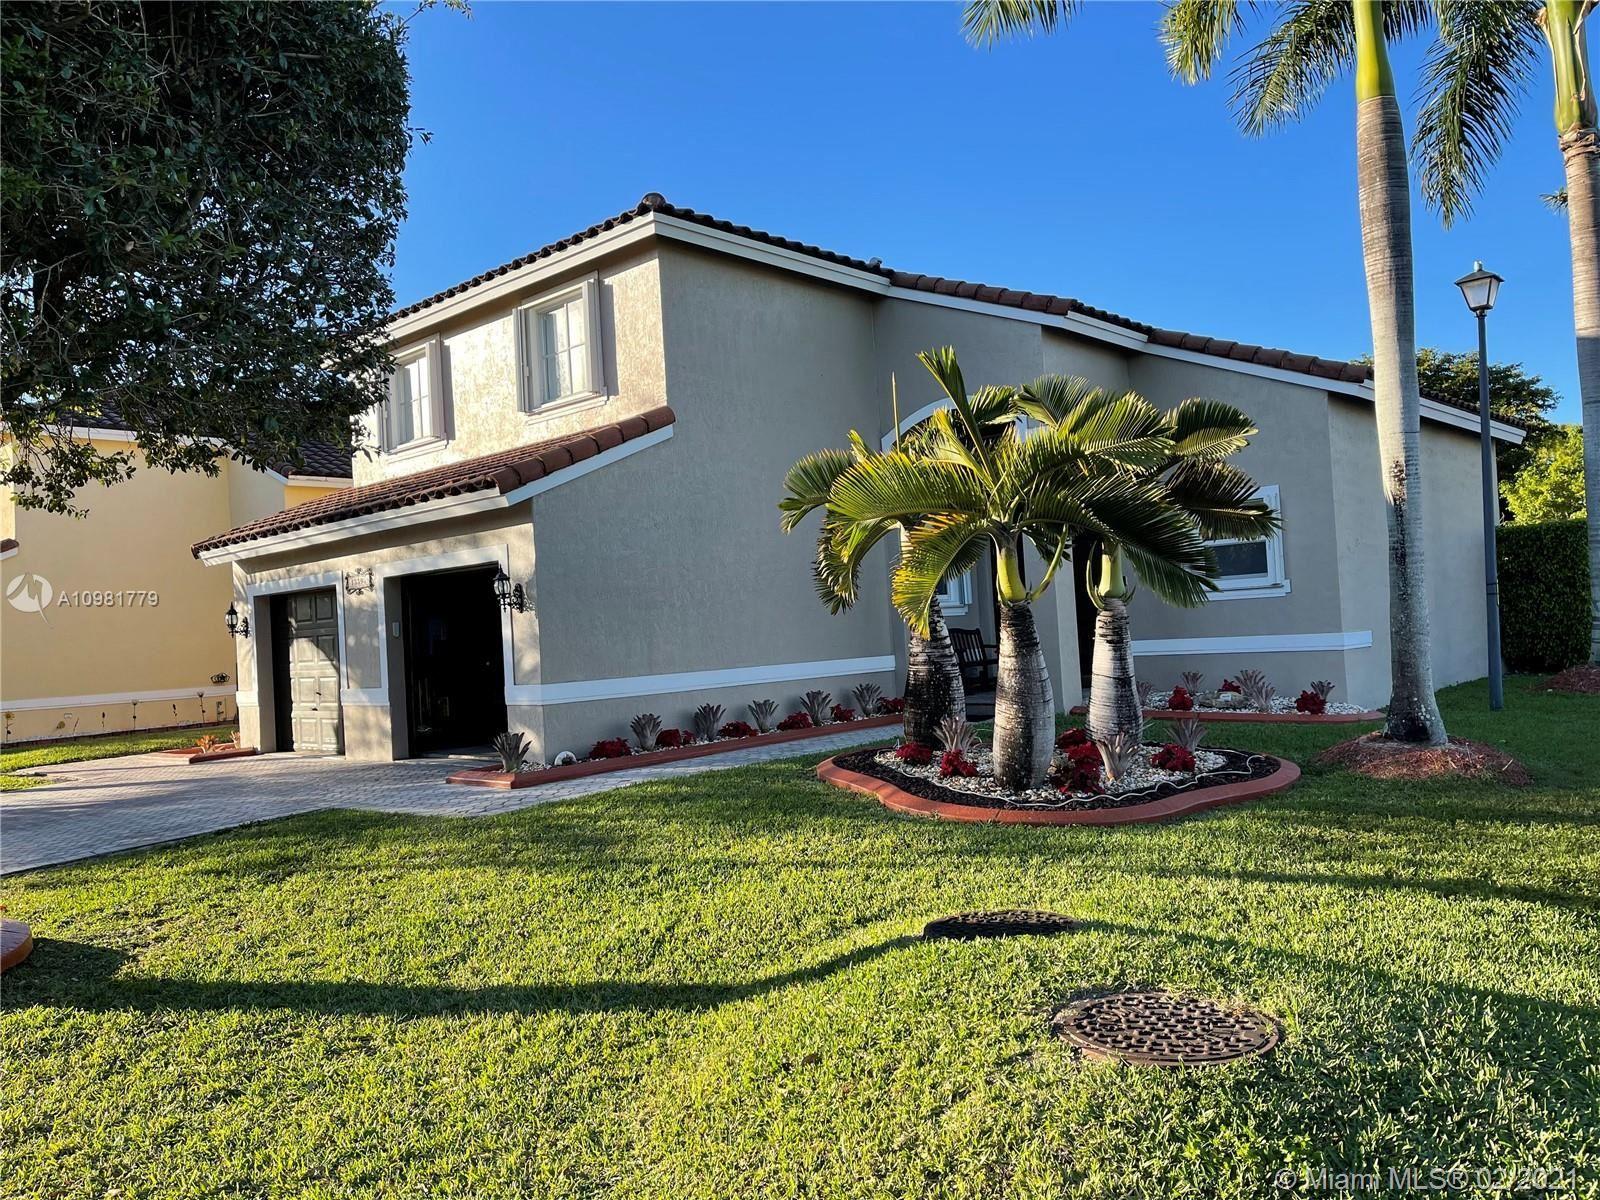 13395 SW 144 TERRACE, Miami, FL 33186 - #: A10981779